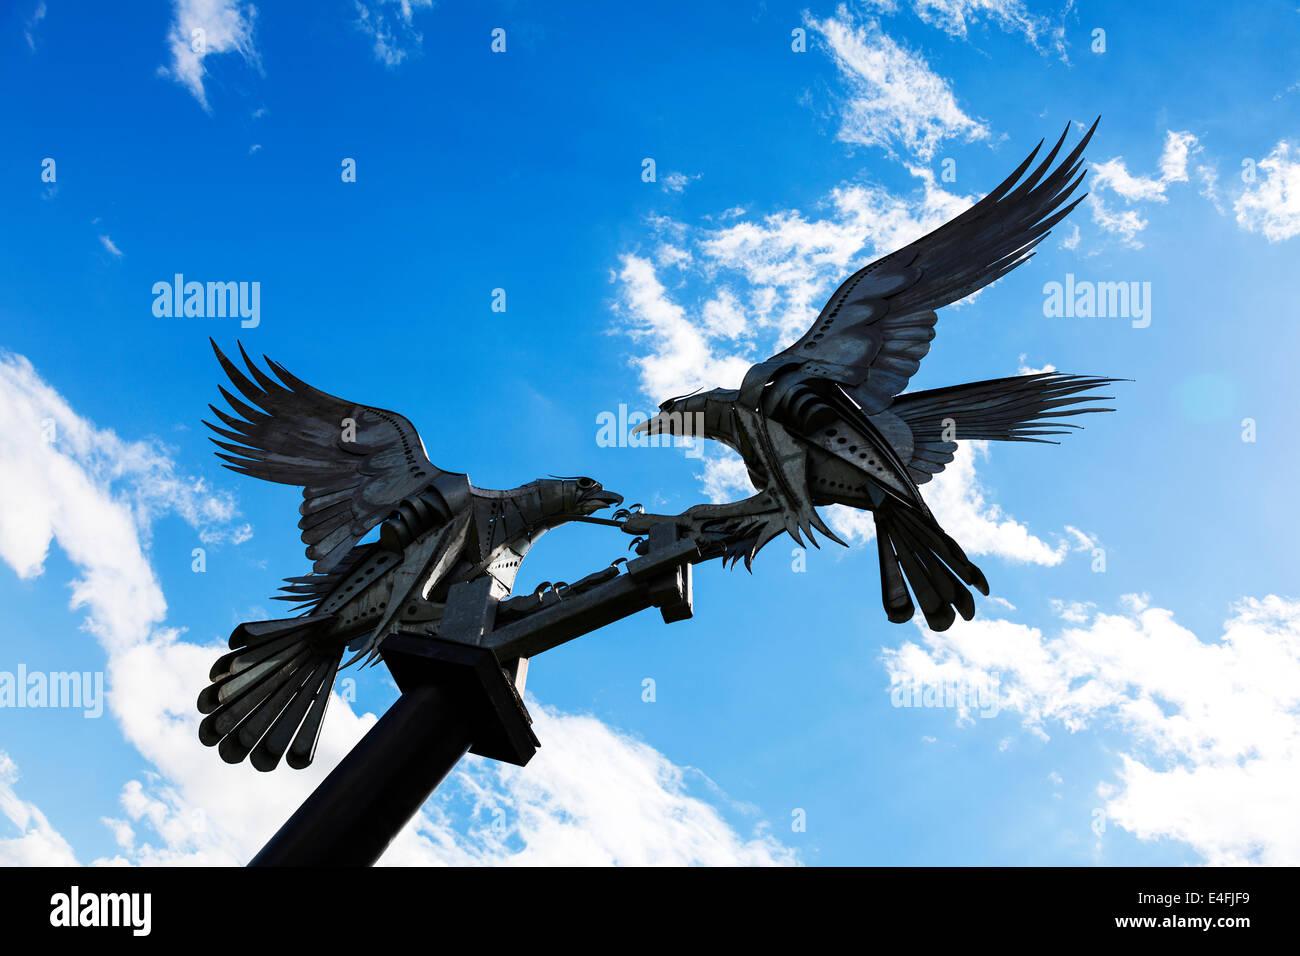 Malvern poiane uccelli scultura di metallo in Great Malvern da Walenty Pytel Immagini Stock